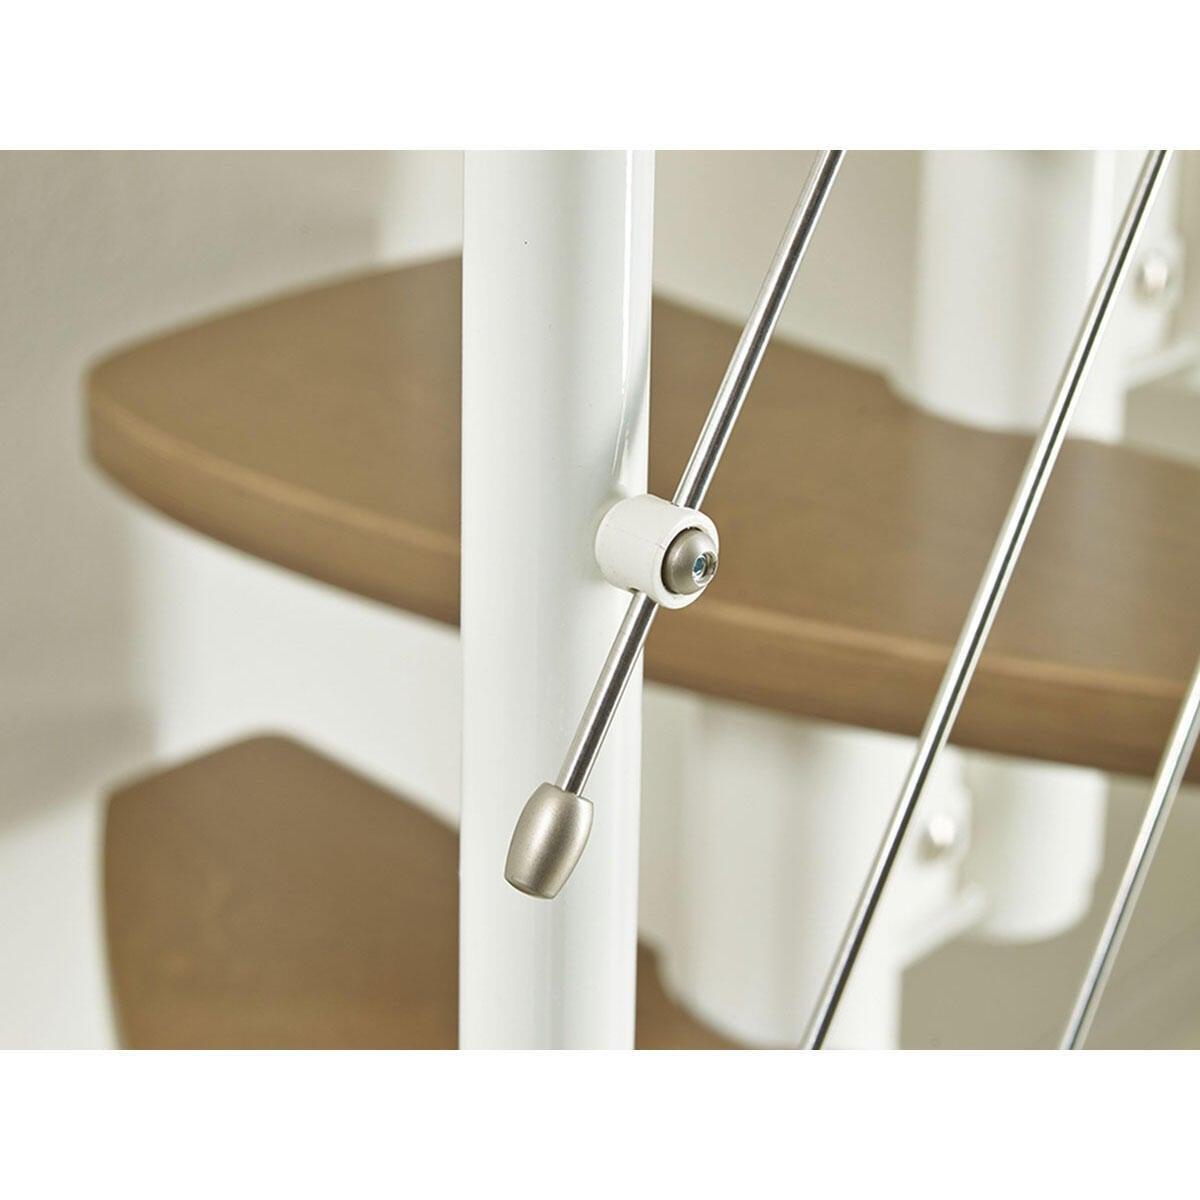 Scala salvaspazio dritto Zen FONTANOT L 59 cm, gradino betulla, struttura bianco - 7